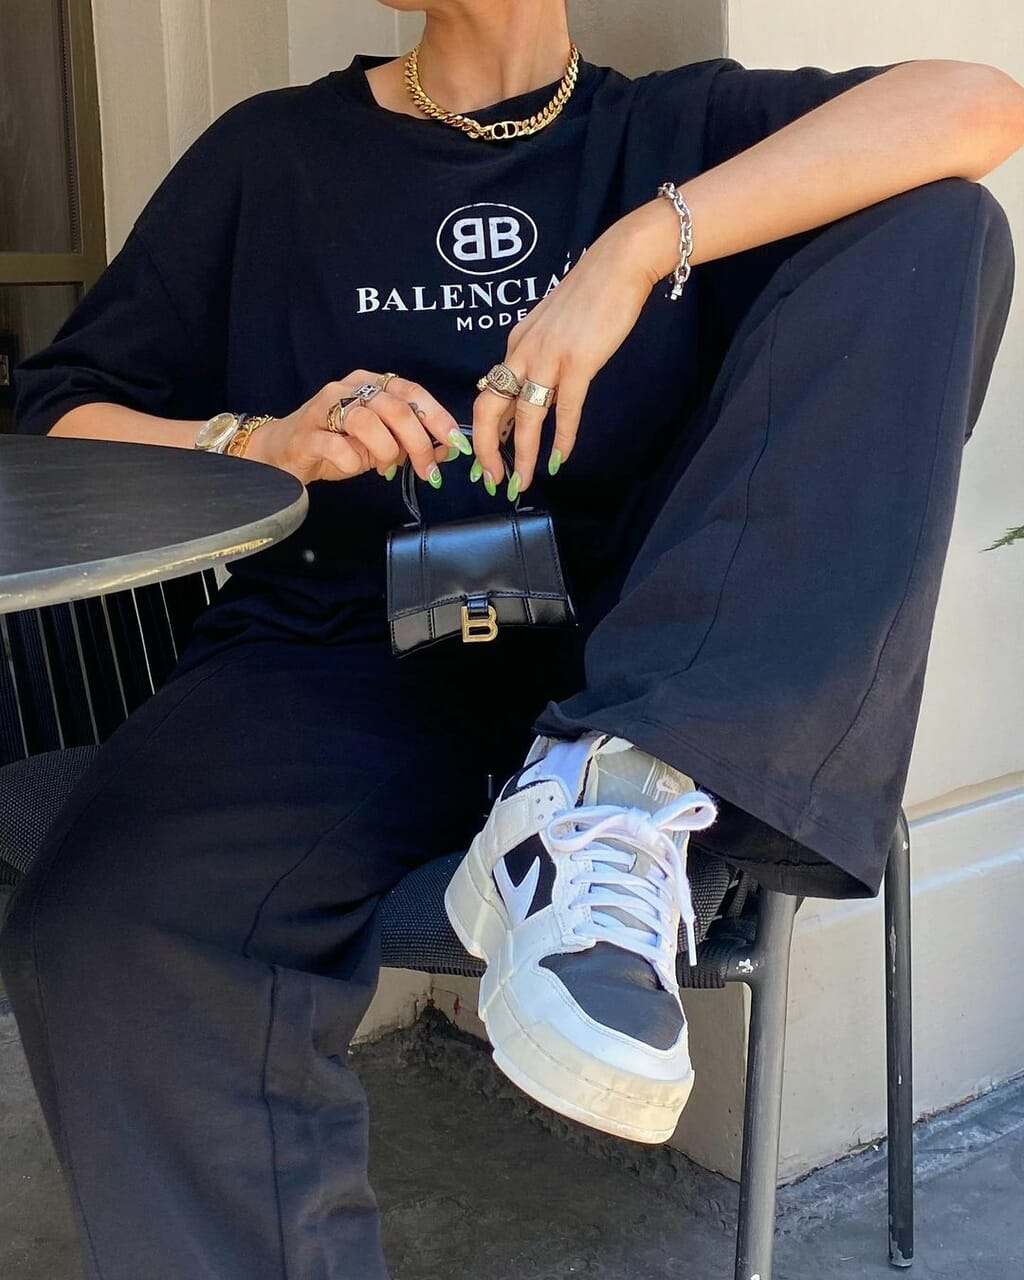 Balenciaga, blogger, and blue pants image